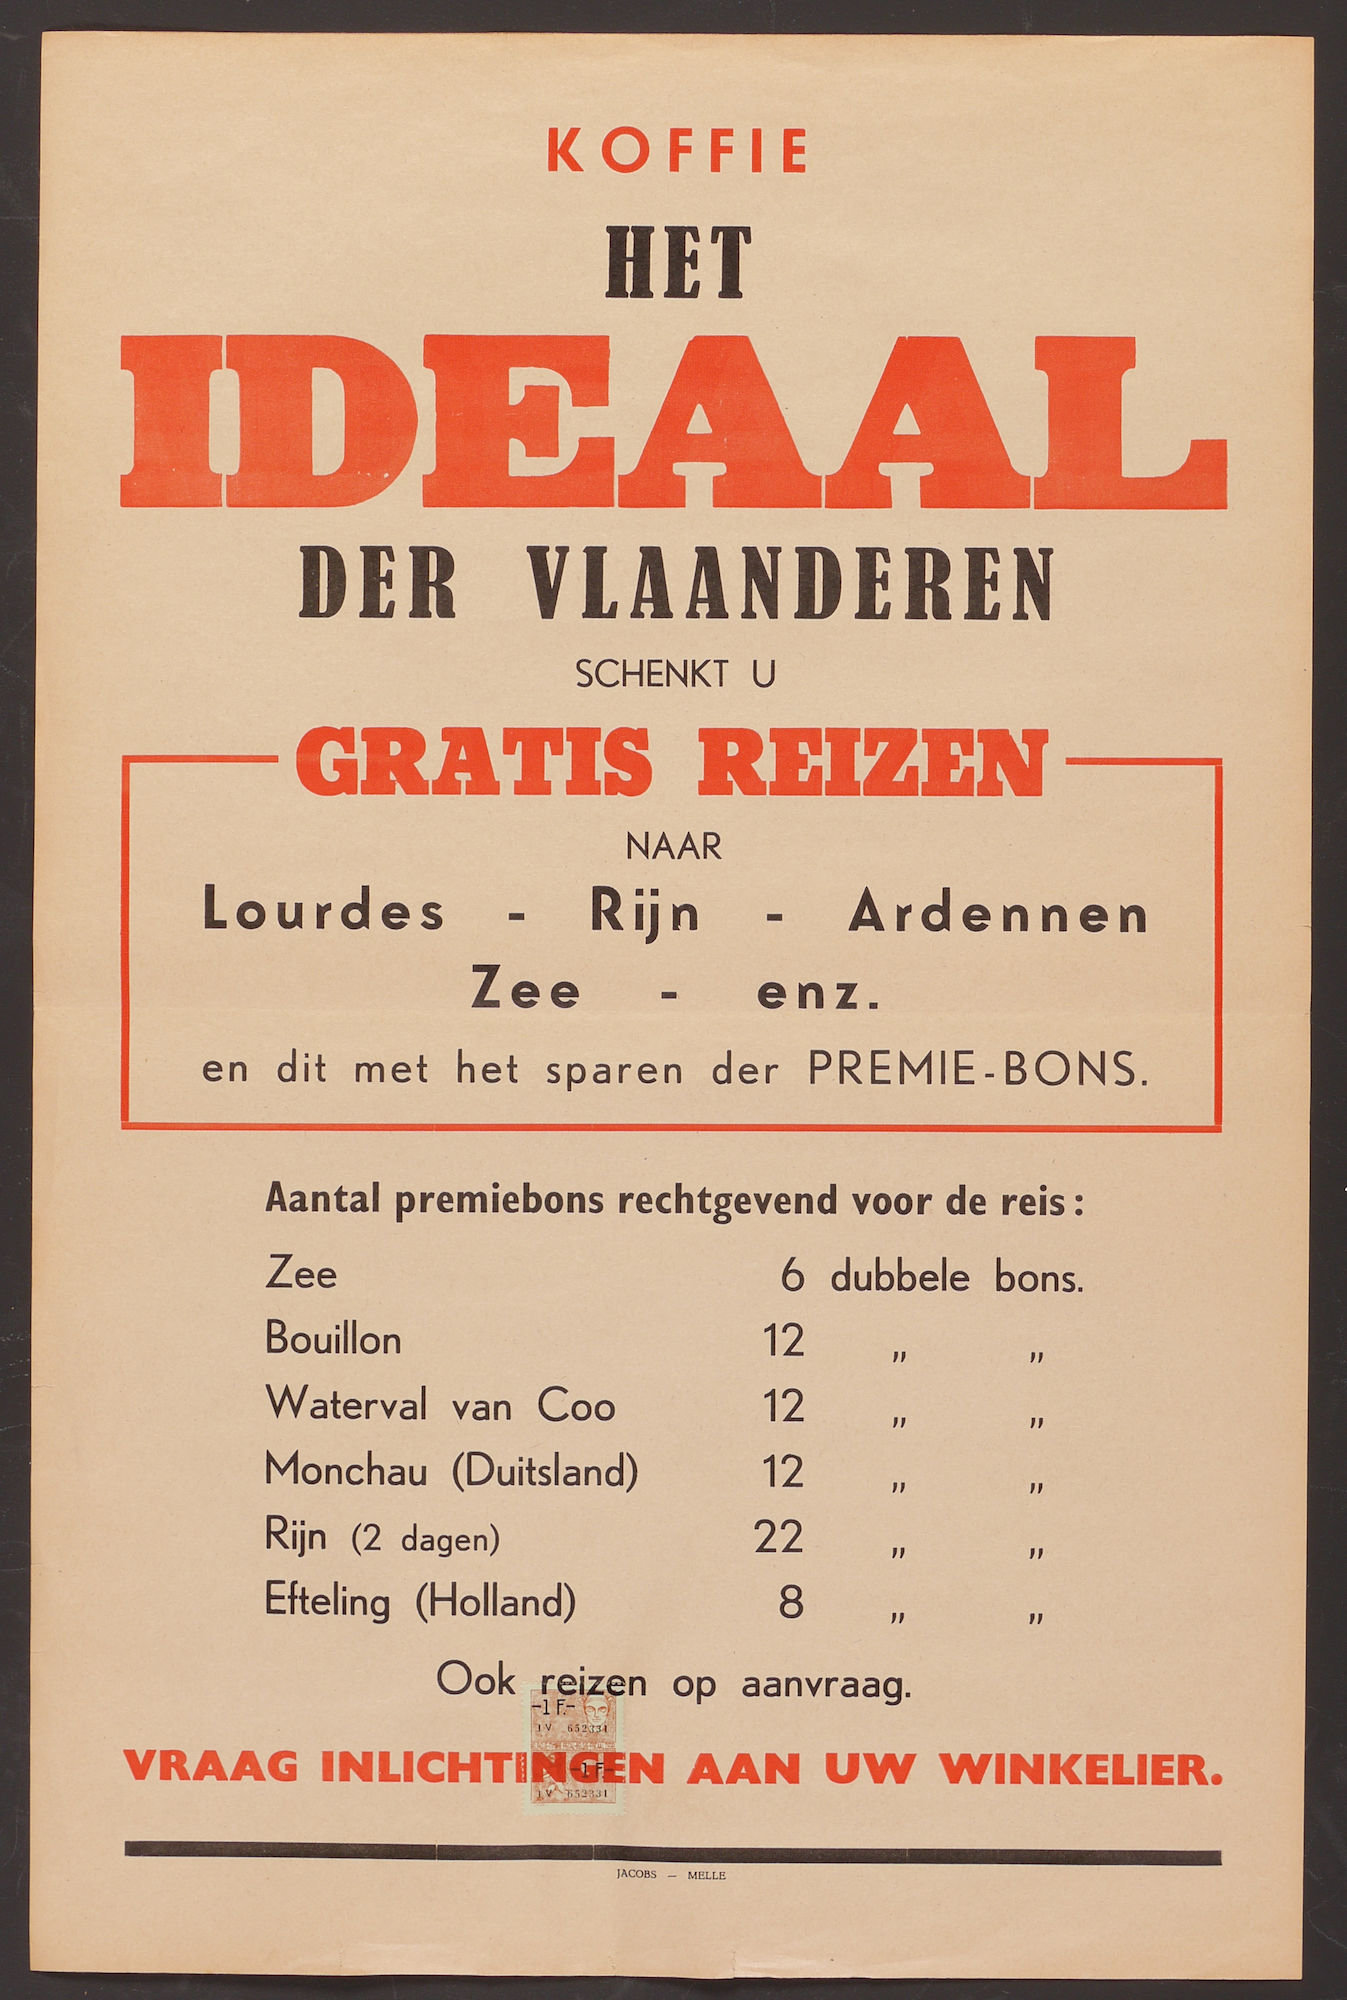 Affiche voor koffie Het Ideaal der Vlaanderen